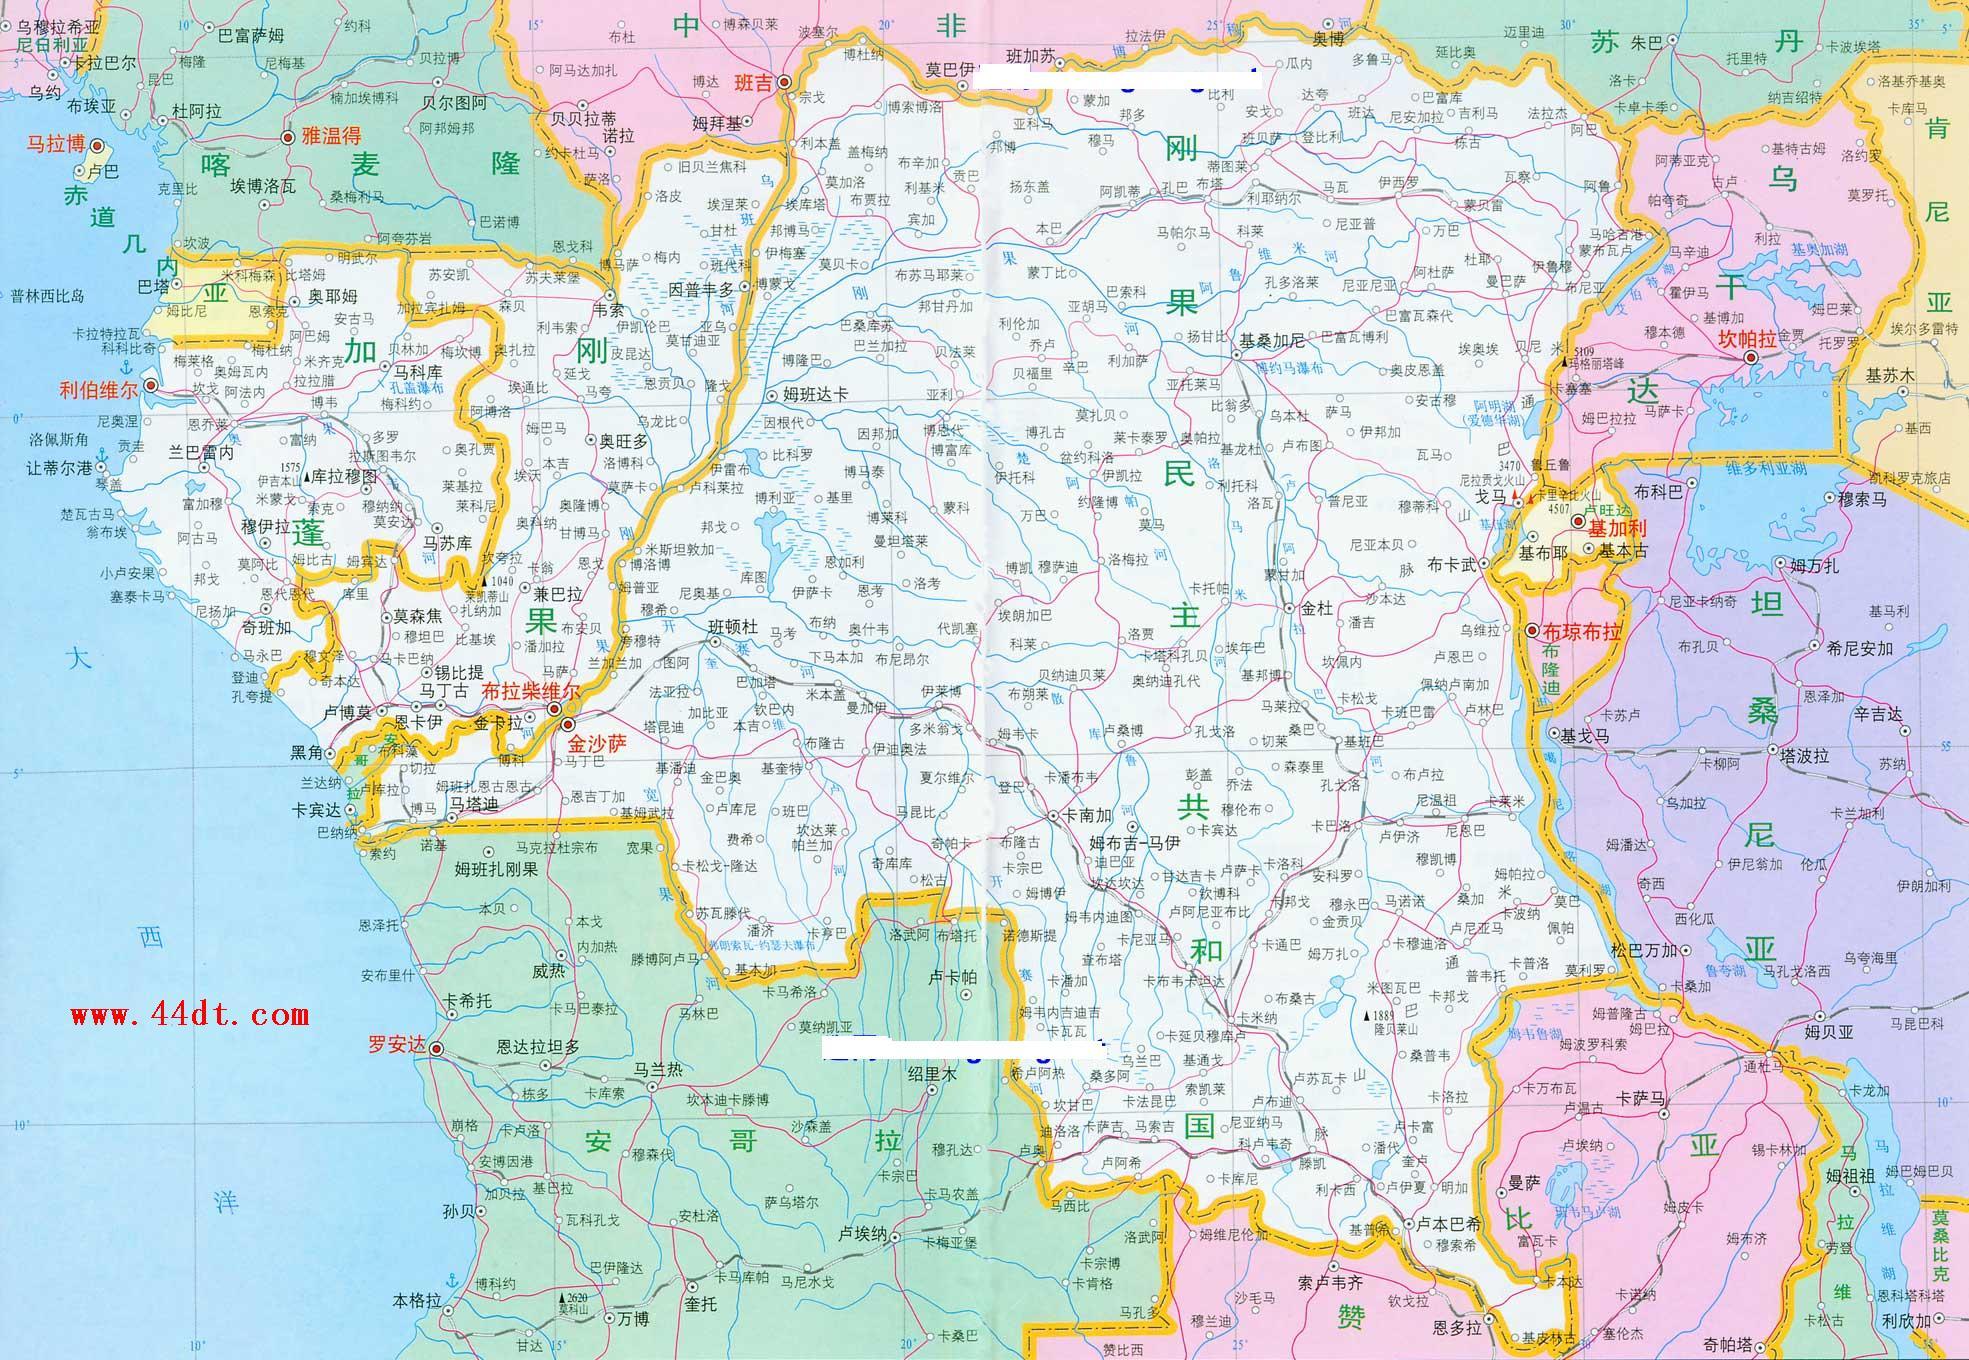 世界上最大的盆地 刚果盆地介绍